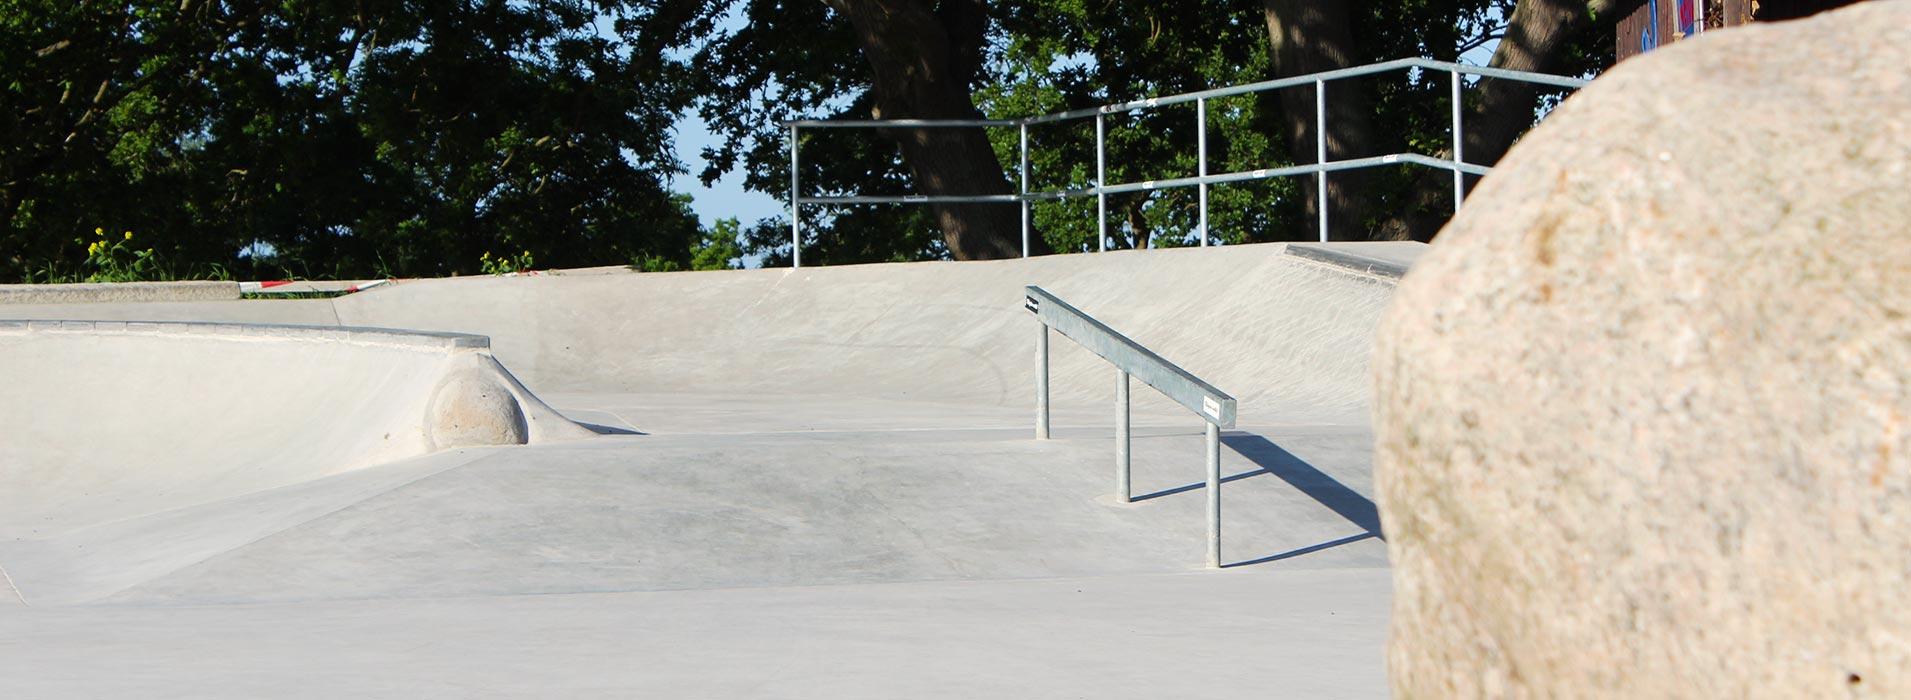 slider_skatepark_11